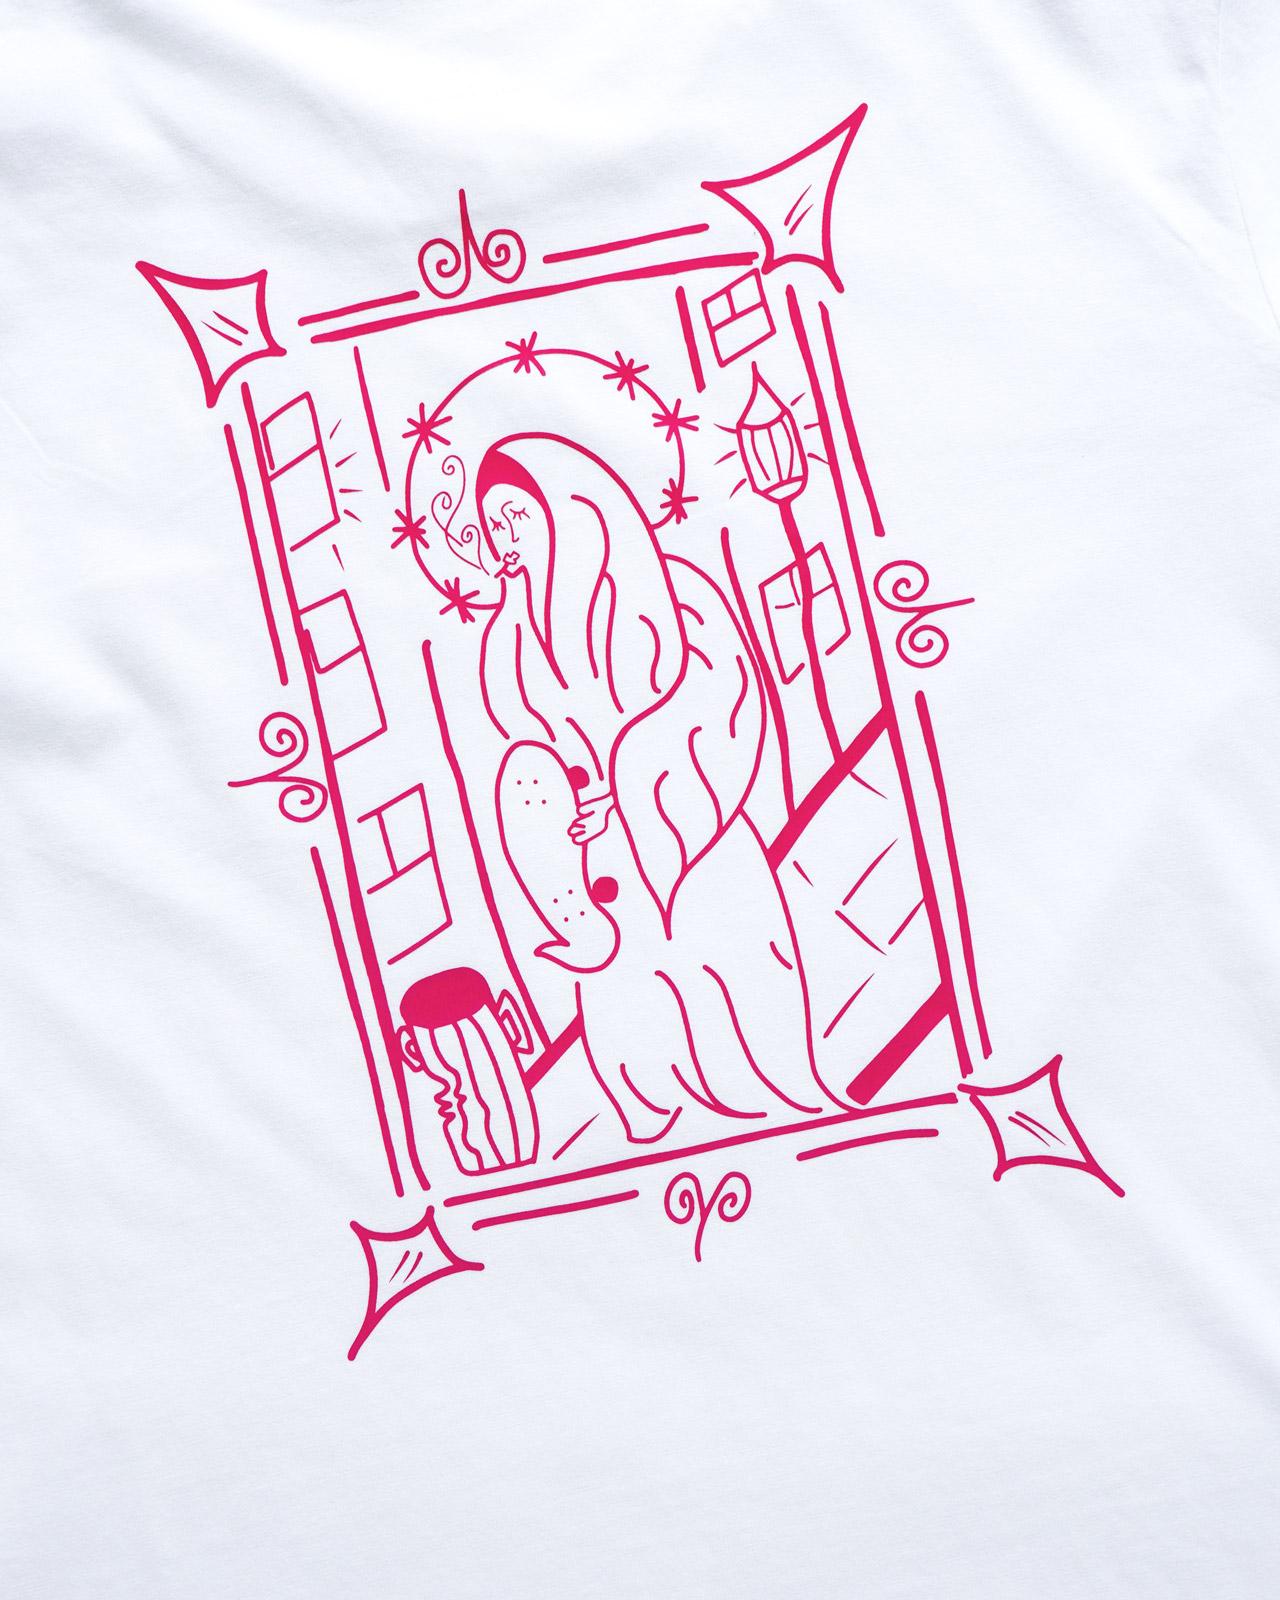 Jose M Bonillo, SOMY x Jose M Bonillo T-Shirt, SOMY x Jose M Bonillo TShirt, SOMY x Jose M Bonillo tee, Ireland, SOMY t-shirt, SOMY Peter Omdal, SOMY Artist Series t-shirt, SOMY Artist Series tshirt, SOMY artist series tee, SOMY artist series, SOMY x Ross Carvill, SOMY clothing, SOMY clothing brand Ireland, SOMY Ireland, SOMY is a design driven lifestyle brand, SOMY lifestyle, SOMY skateboarding Ireland, SOMY Skatewear Ireland, SOMY Streetwear Ireland, SOMY style, SOMY Surfwear Ireland